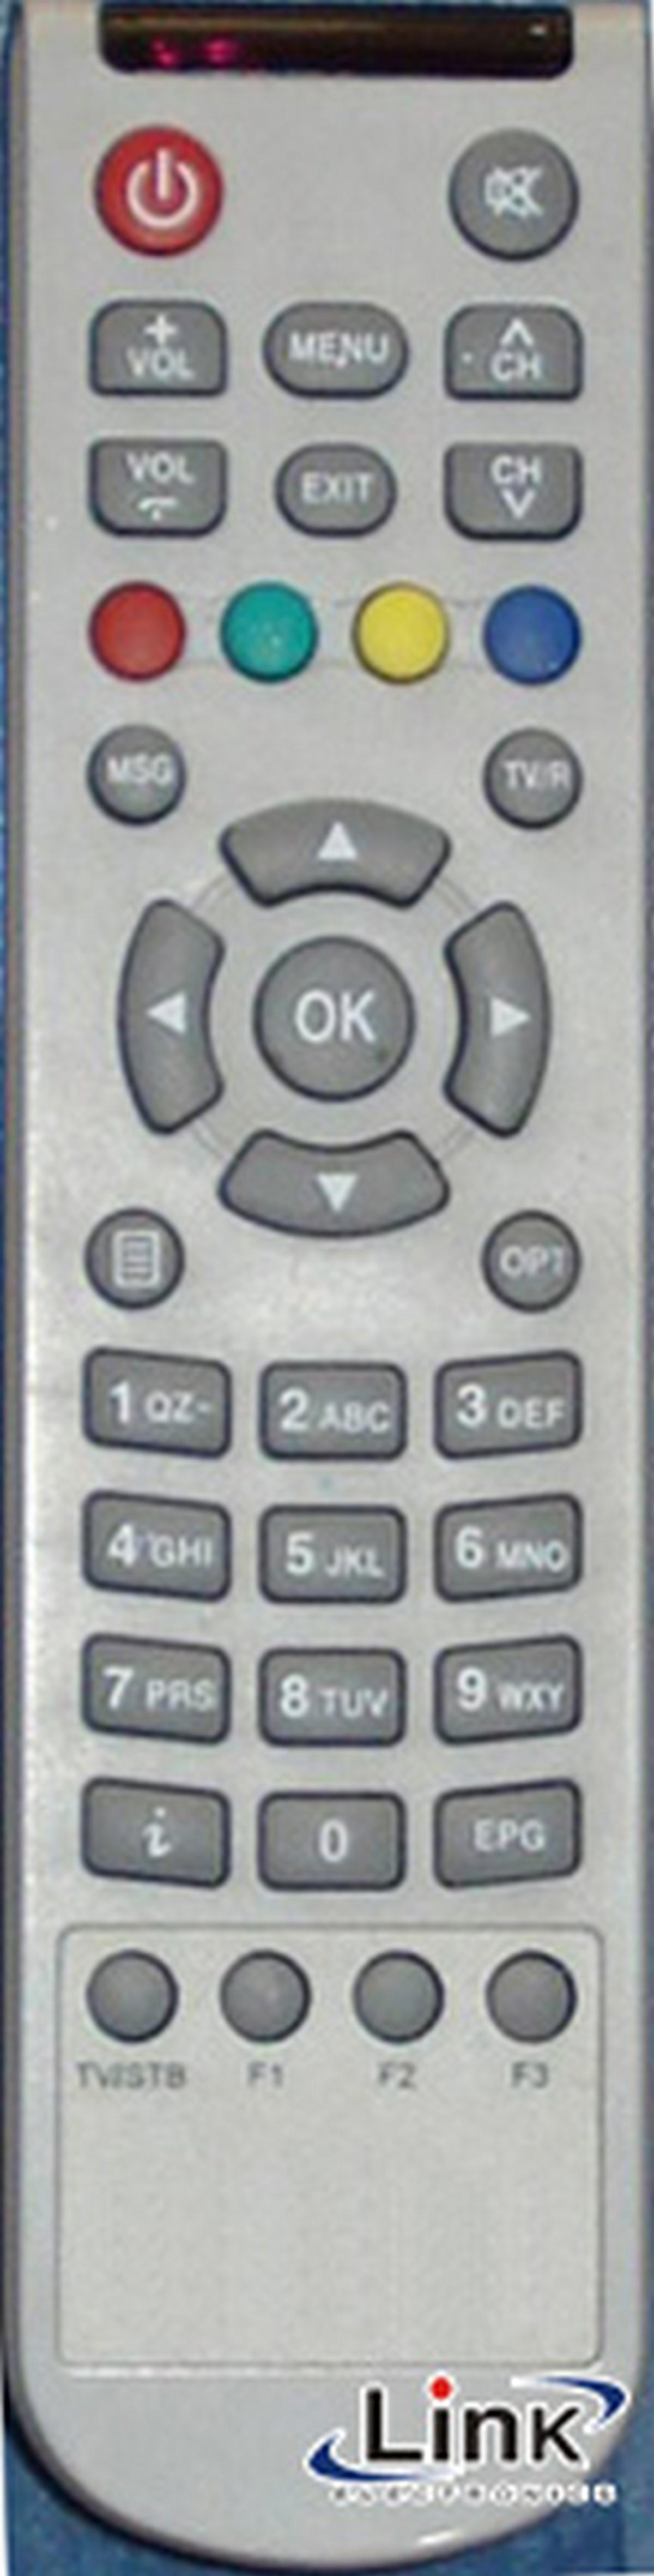 DIGI TV NEW-1